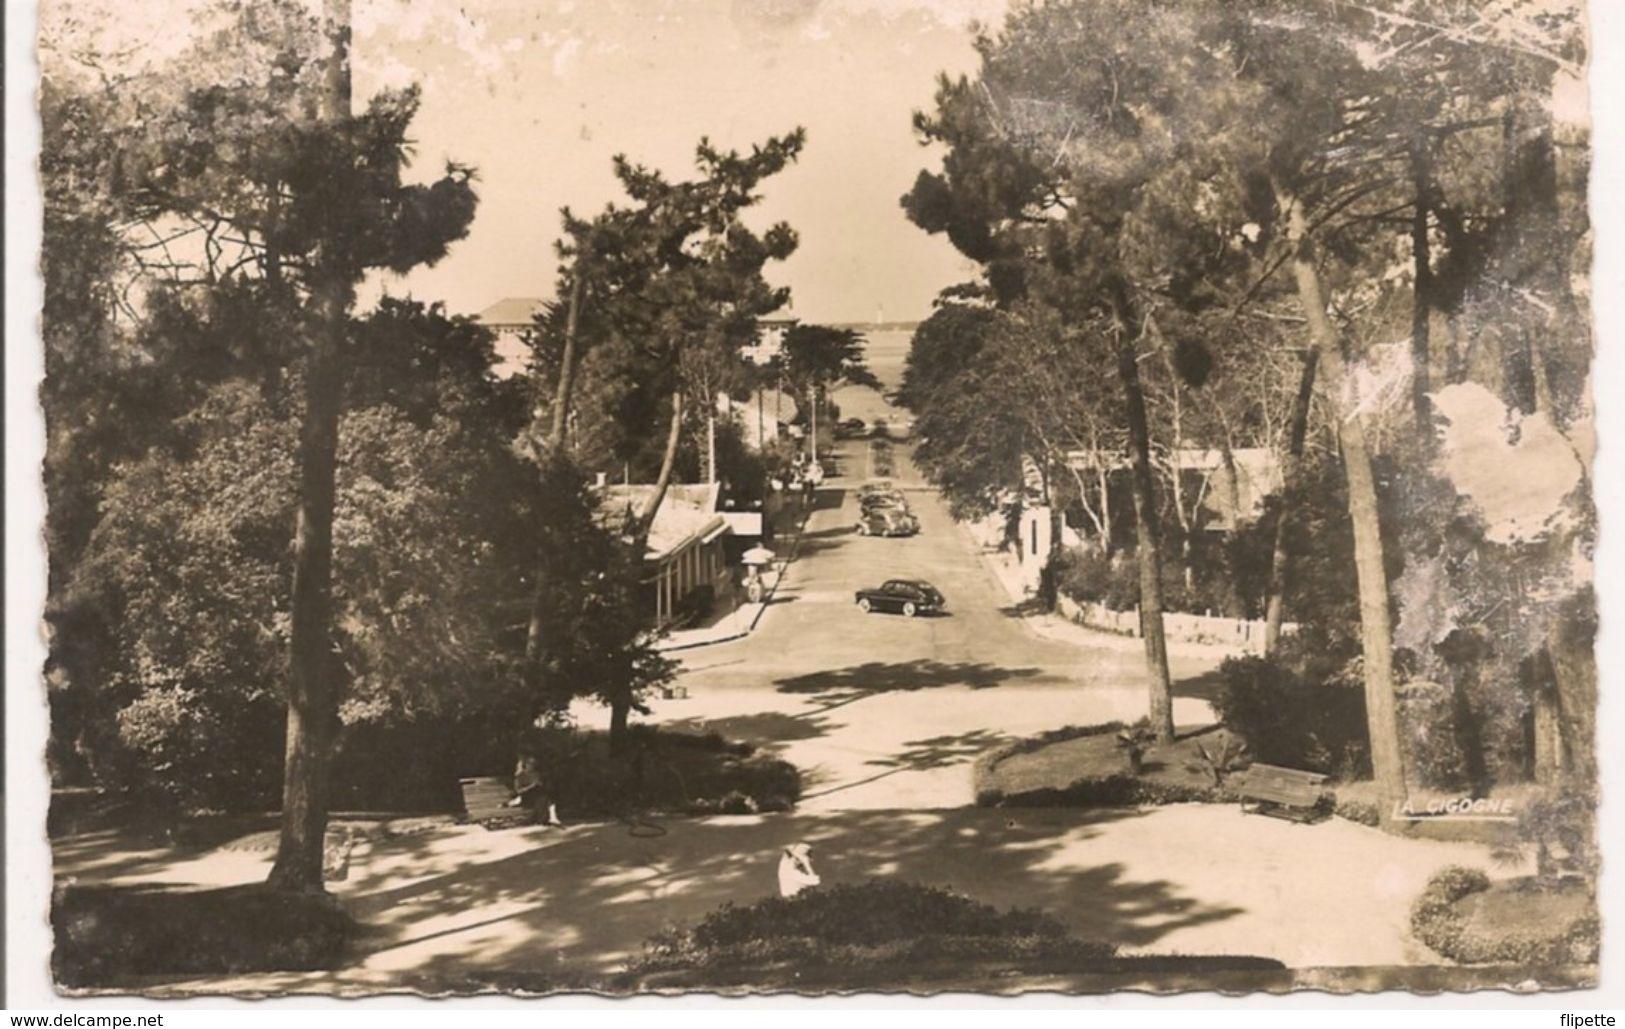 L40B133 - Bassin D'Arcachon -Le Moulleau  - La Cigogne N°33.009.94 - Arcachon